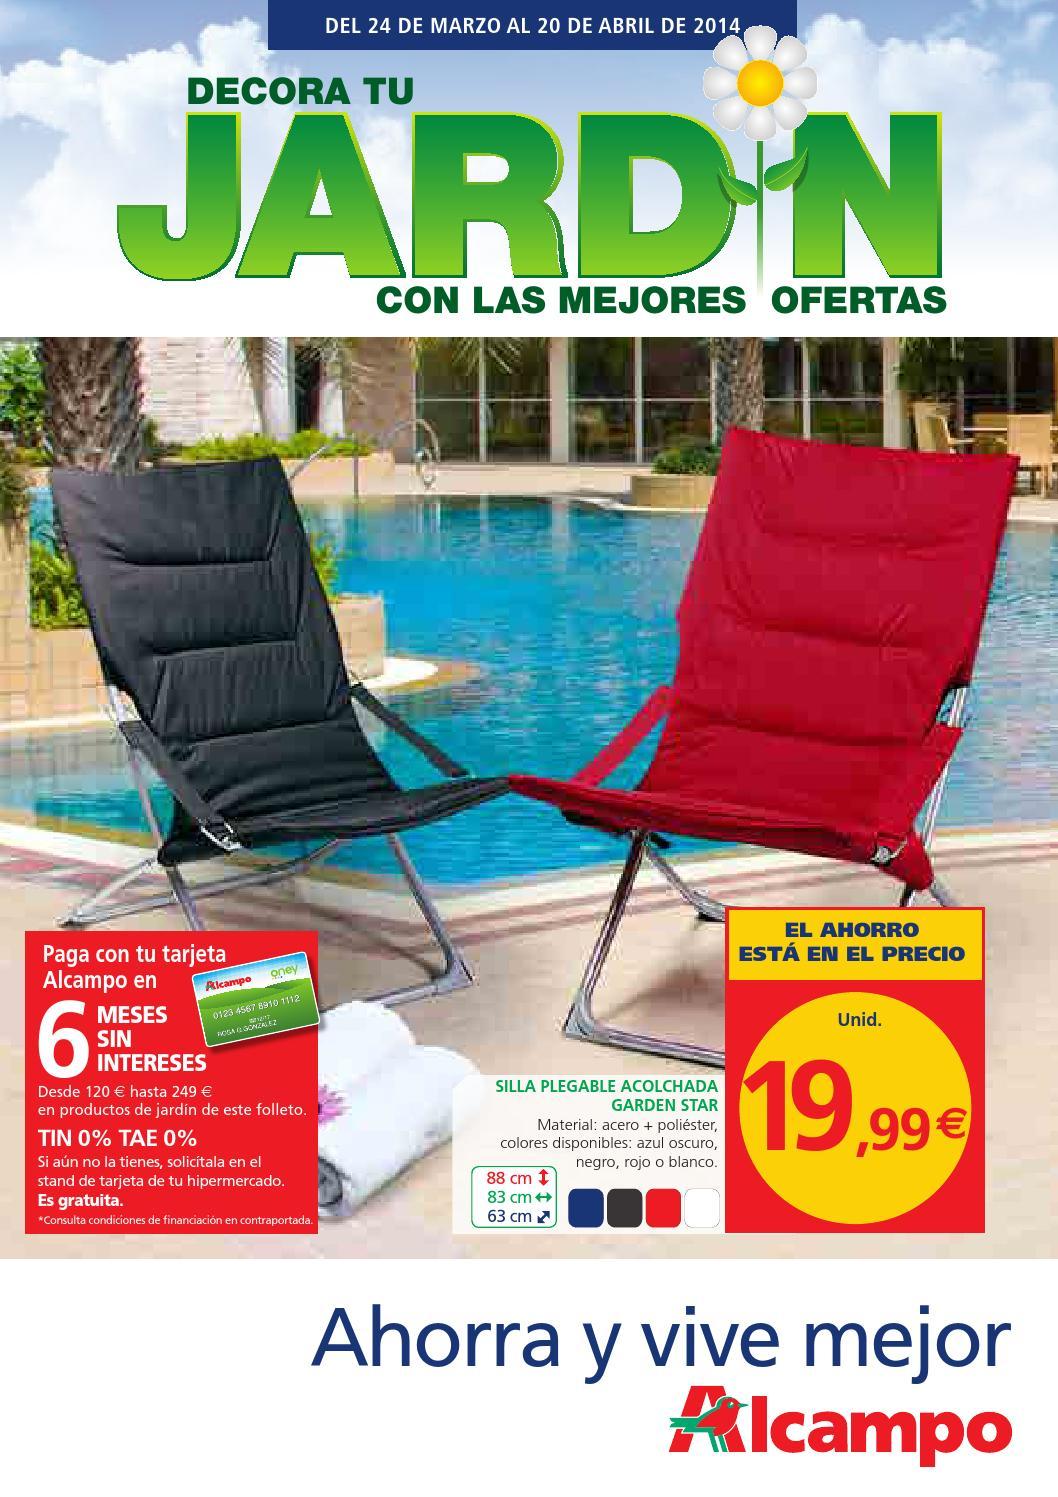 Jardin nacional alcampo by losdescuentos issuu - Mesas y sillas de jardin alcampo ...